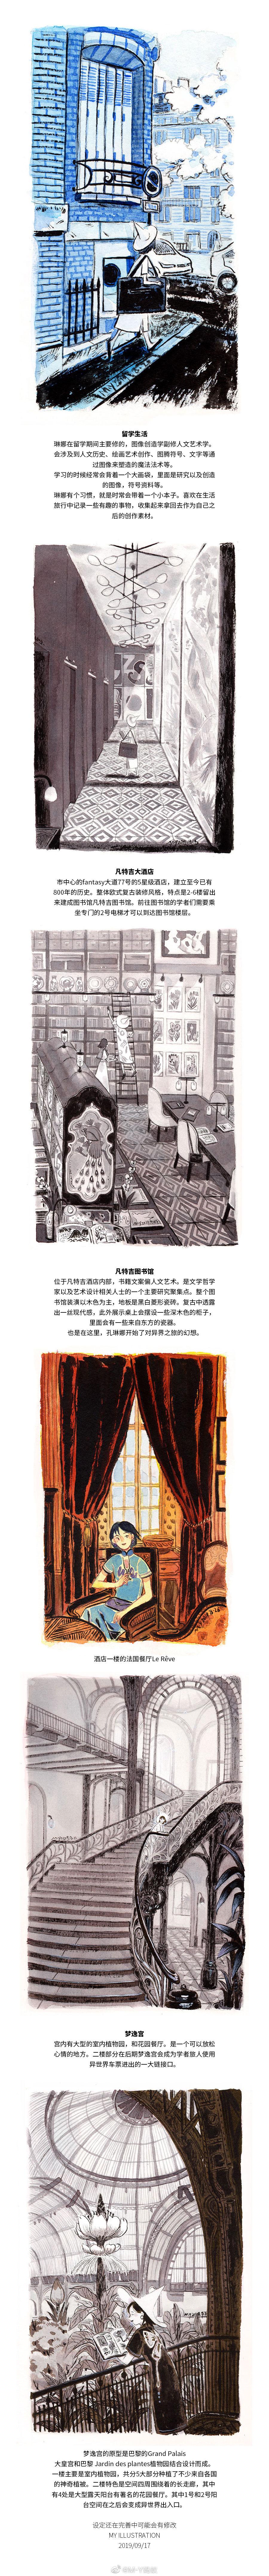 来自东方的她之异世界之旅(前期设定) (2).jpg